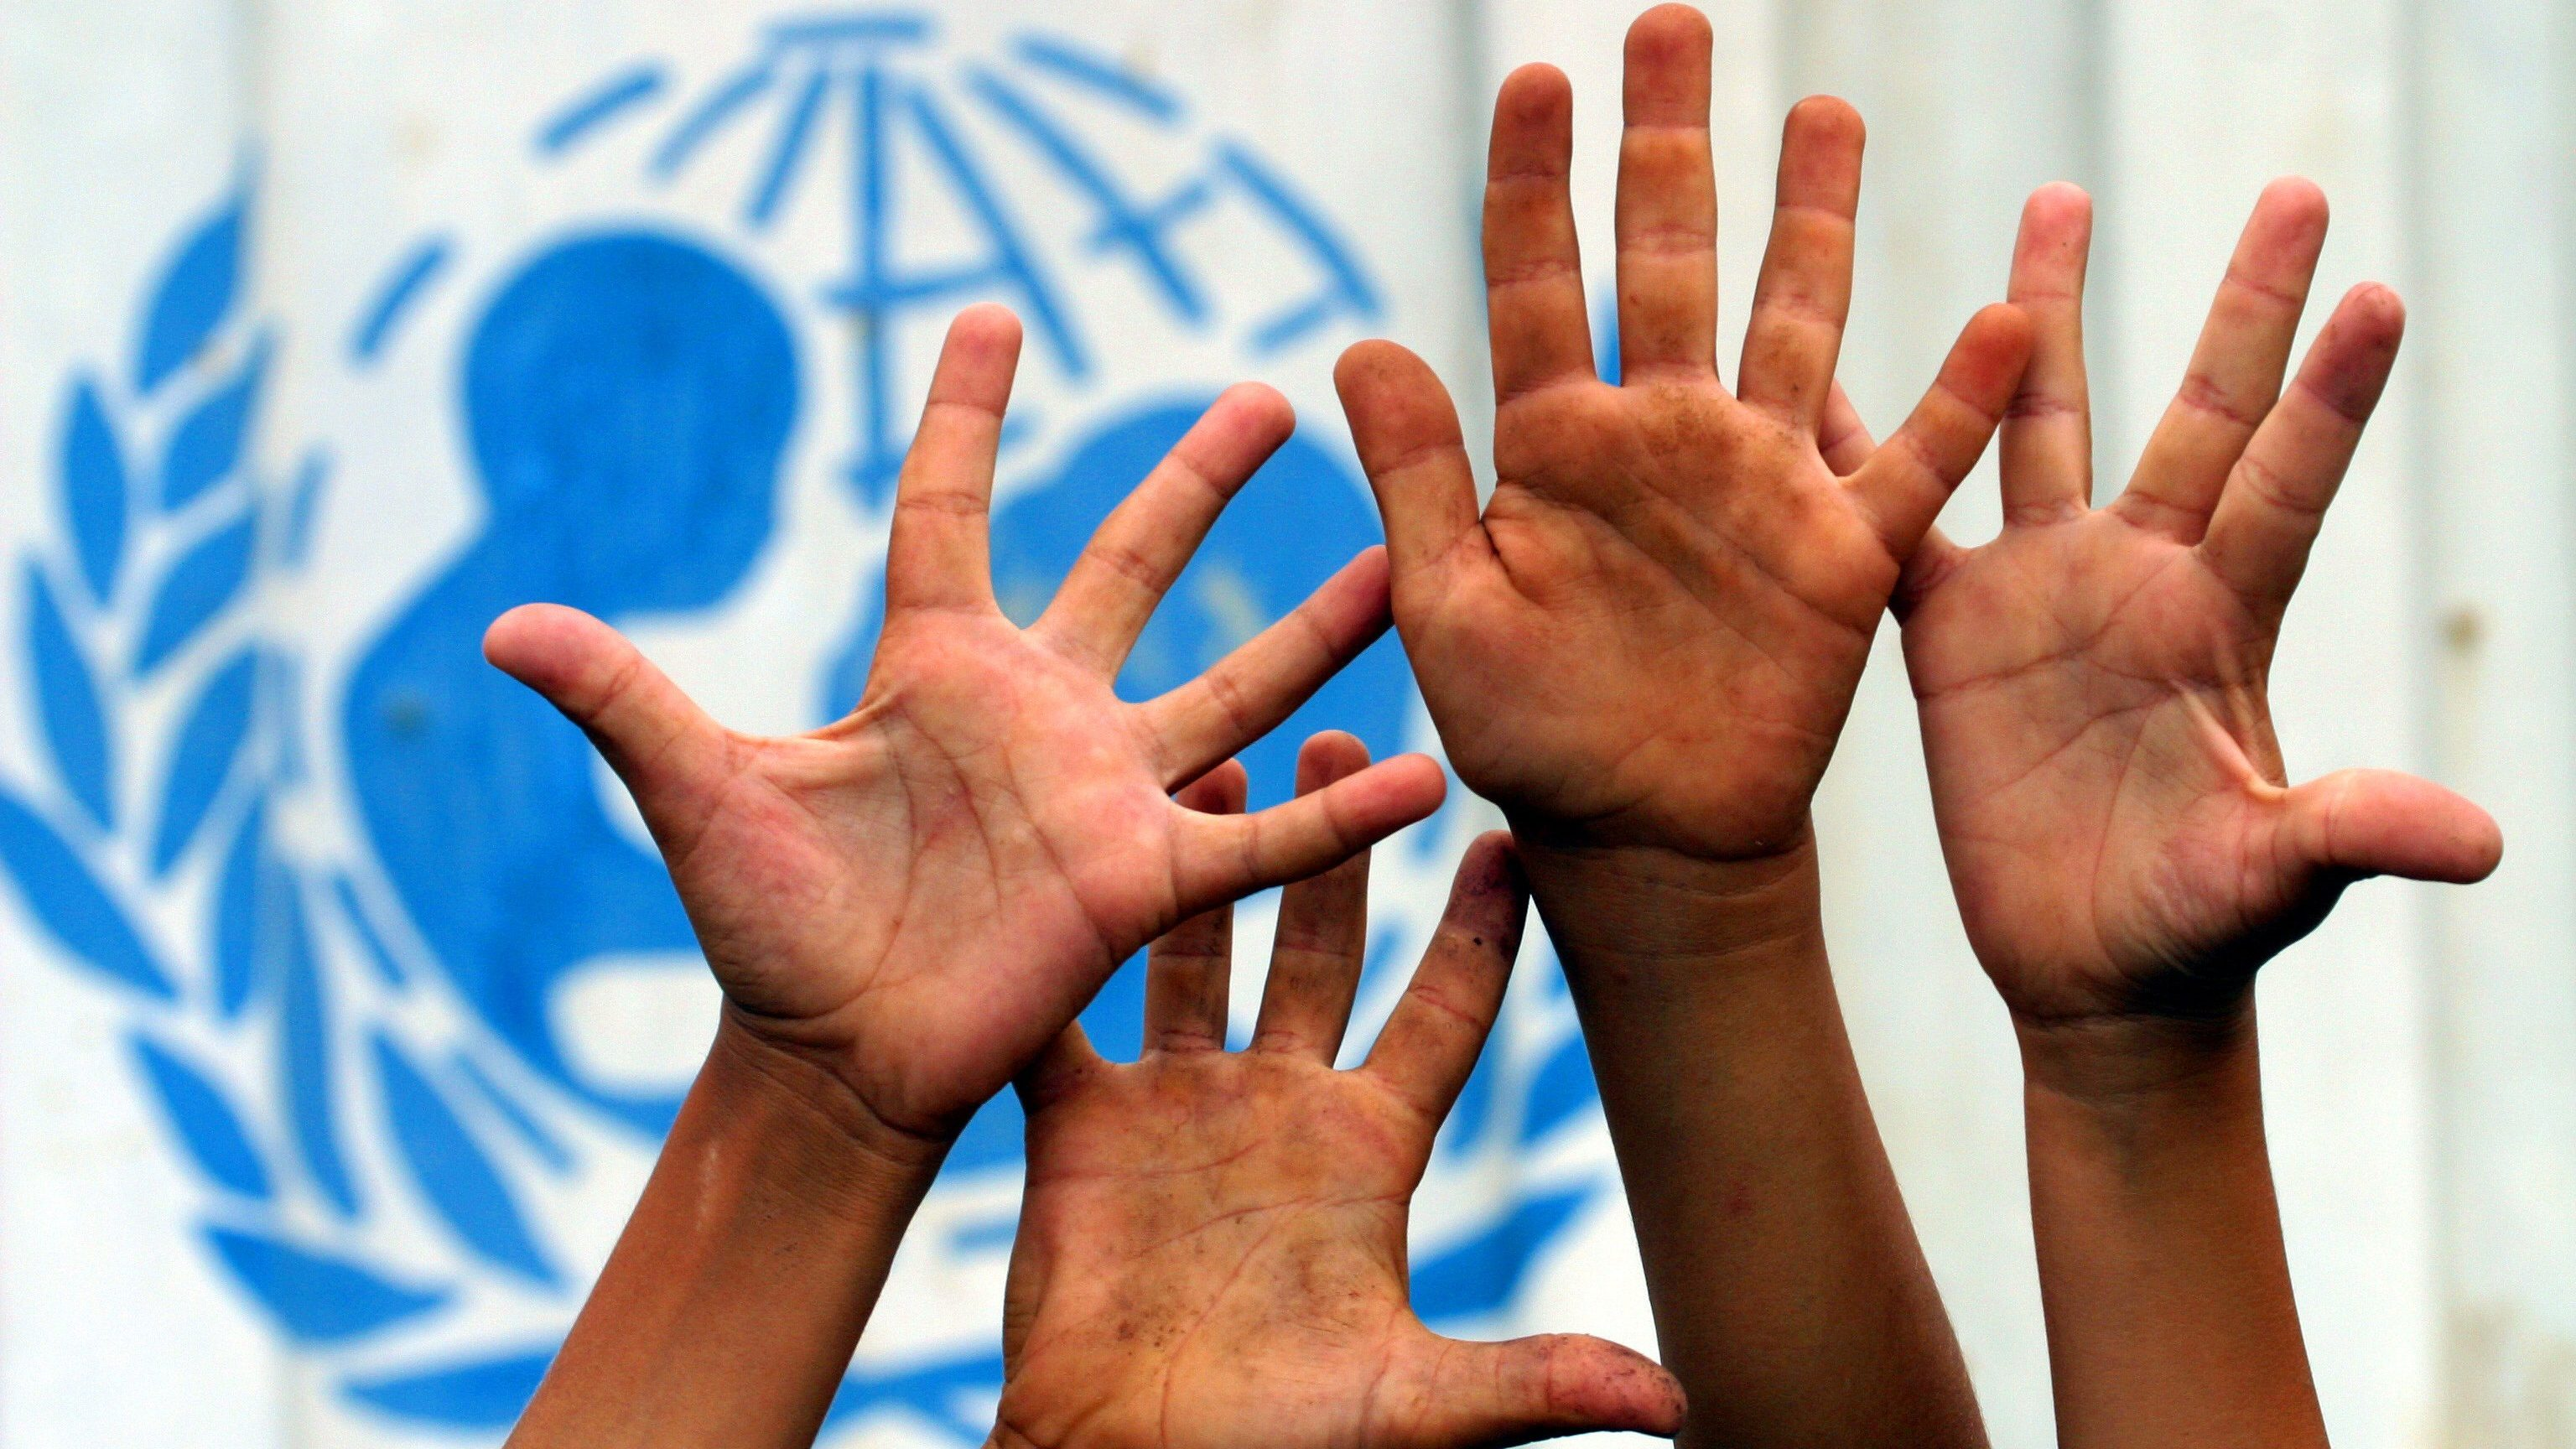 L'UNICEF au Maroc désigne deux enfants en tant que jeunes défenseurs des droits de l'enfant